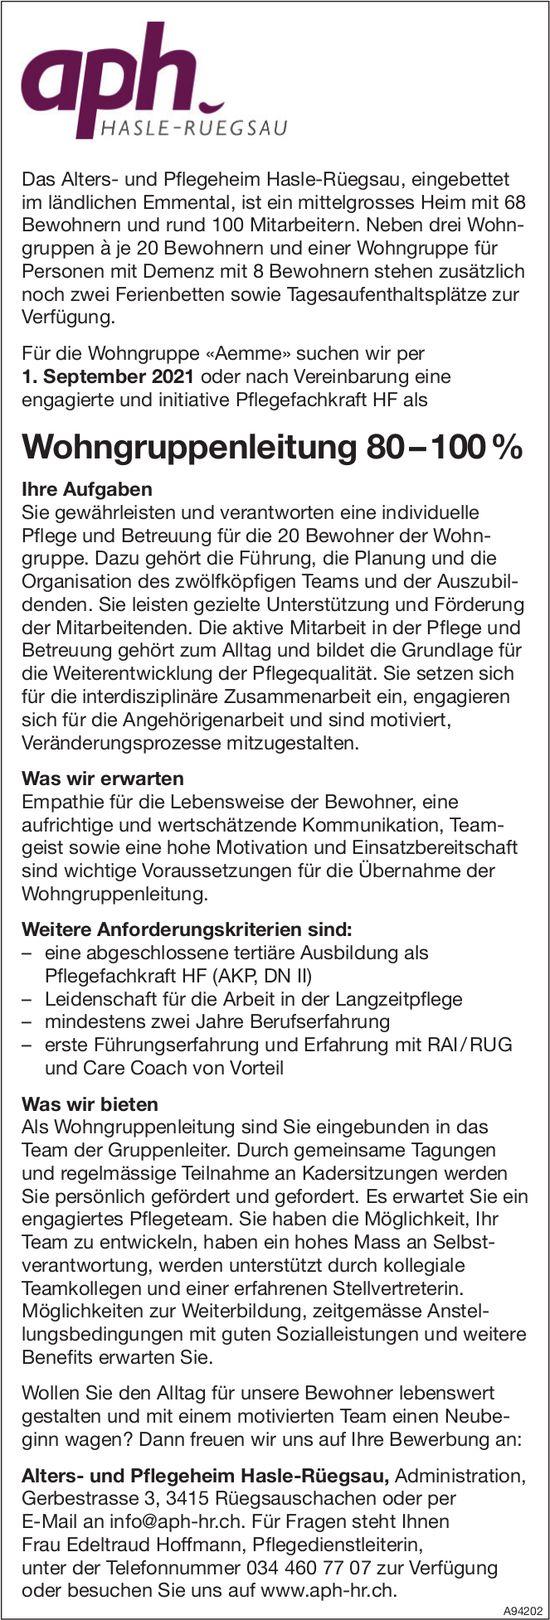 Wohngruppenleitung 80 – 100%, Alters- und Pflegeheim Hasle-Rüegsau, Rüegsauschachen, gesucht